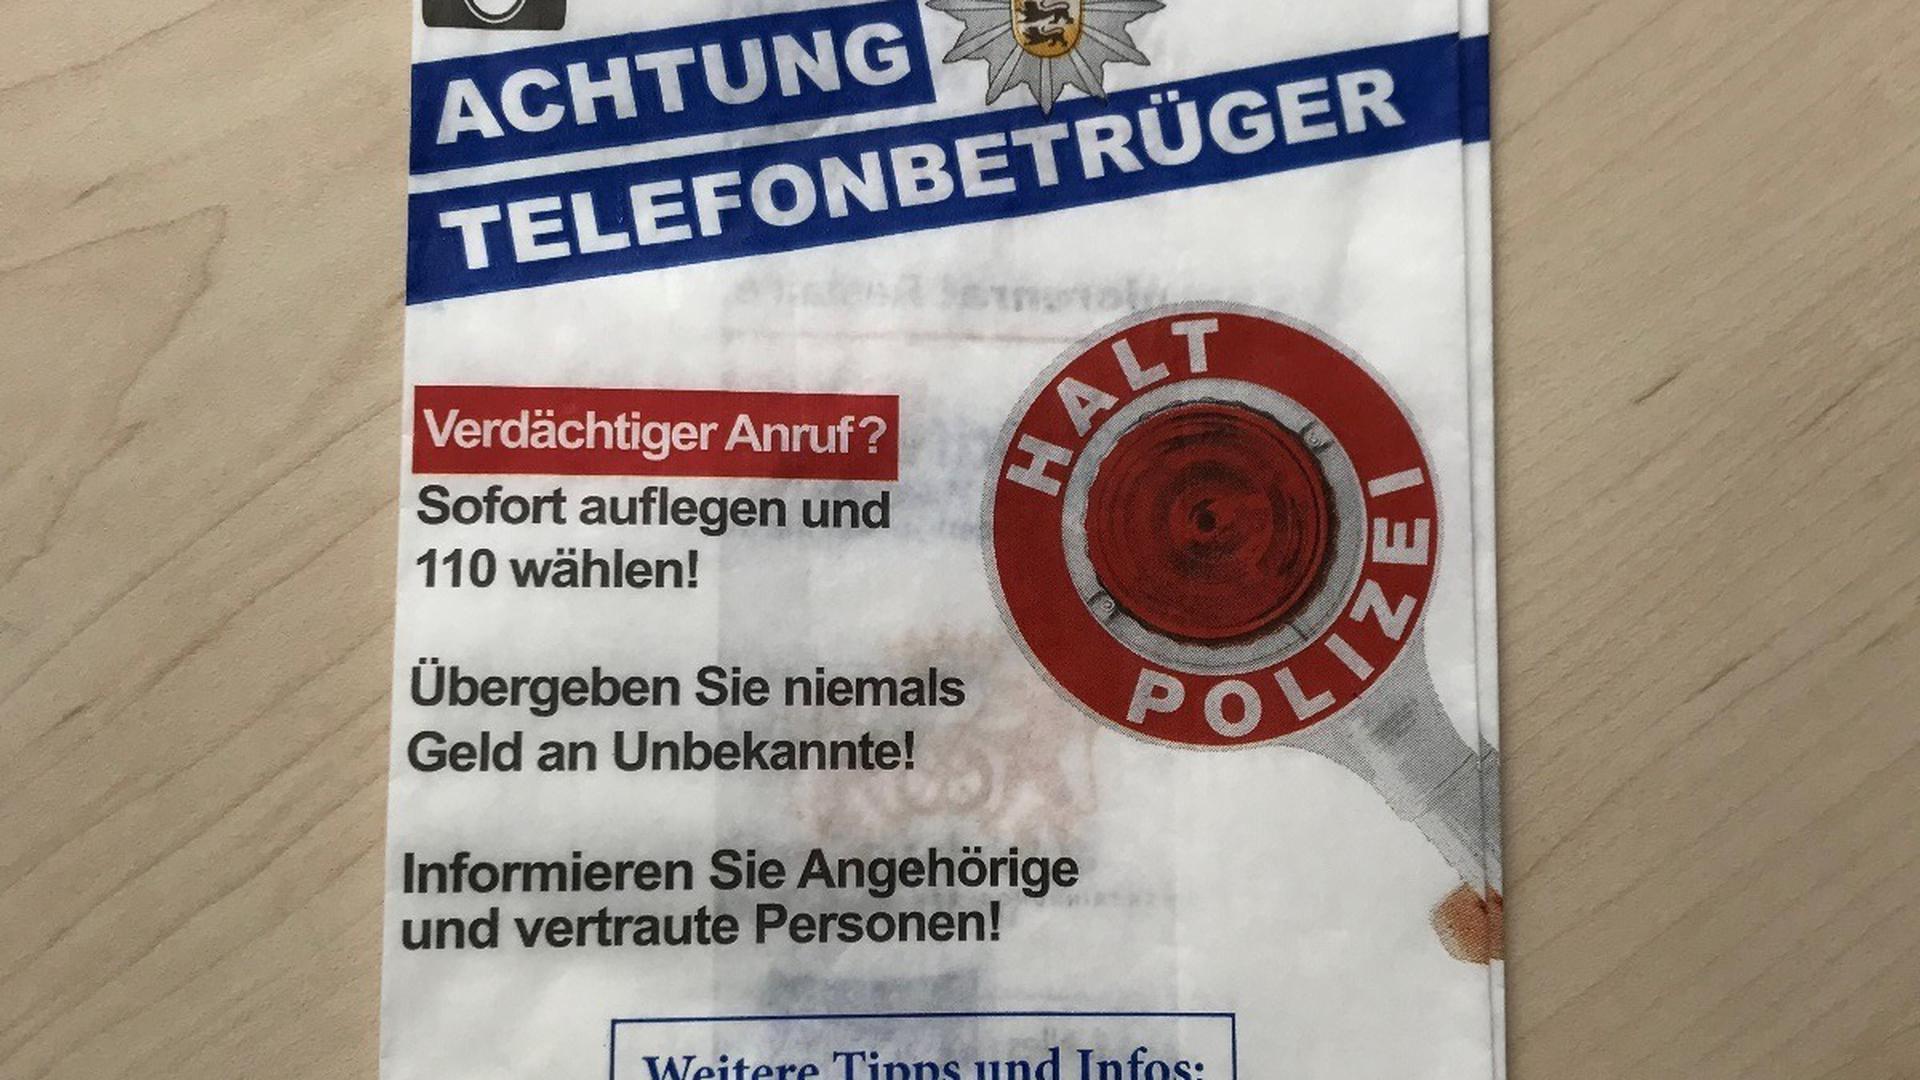 Auf einem Tisch liegt eine Bäckertüte. Sie ist mit Warnhinweisen der Polizei bedruckt. Gewarnt wird vor Telefonbetrügern.